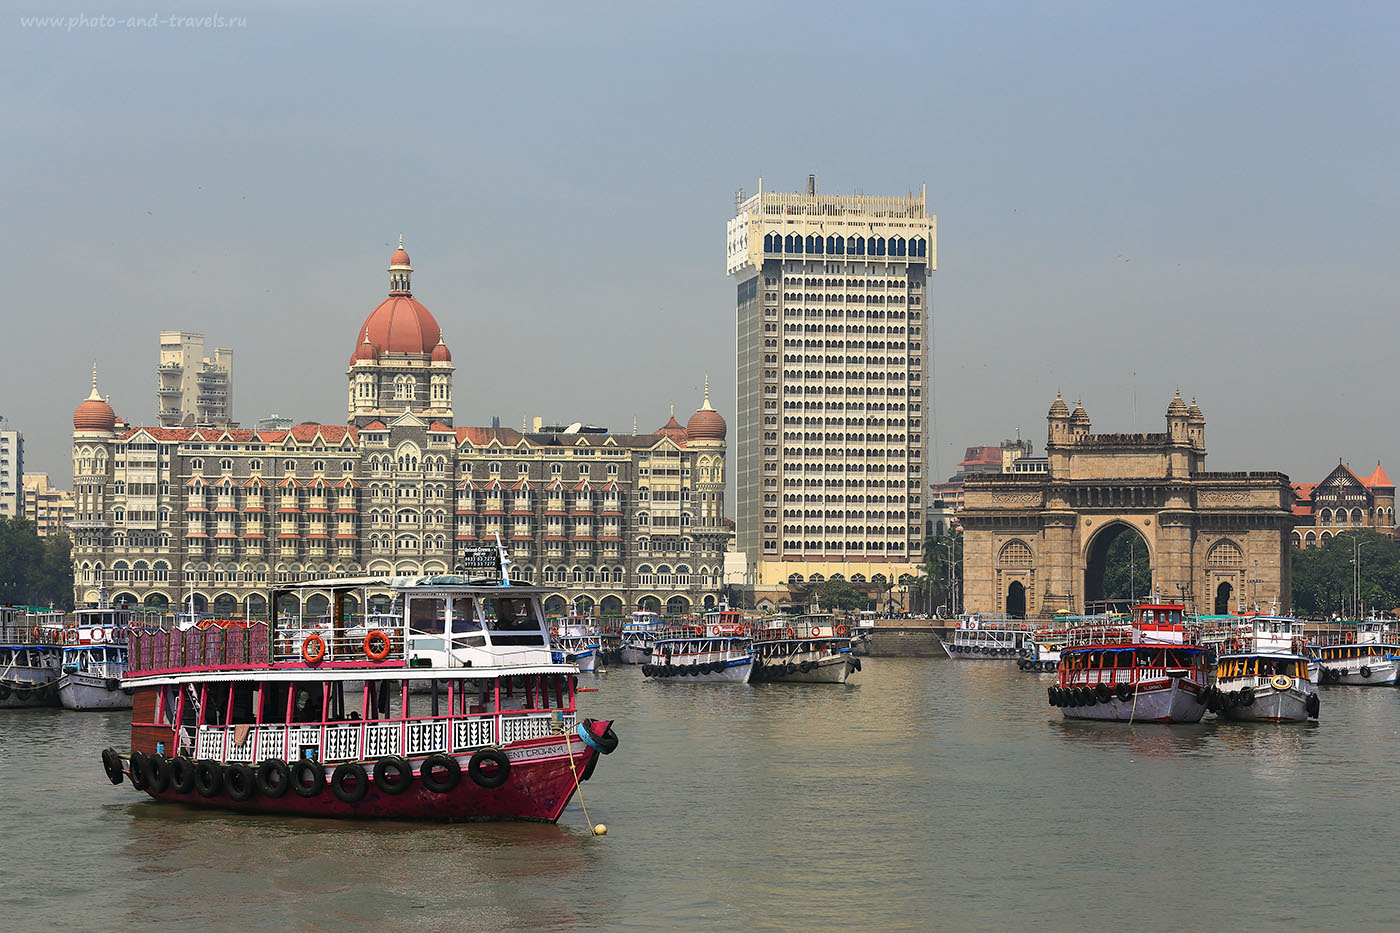 Фотография 2. Вид на арку «Ворота в Индию», отель Тадж-Махал Палас и паромы у них. Отзывы туристов о самостоятельной поездке в Мумбаи. (70-200, 1/500, 0eV, f9, 70mm, ISO 100)